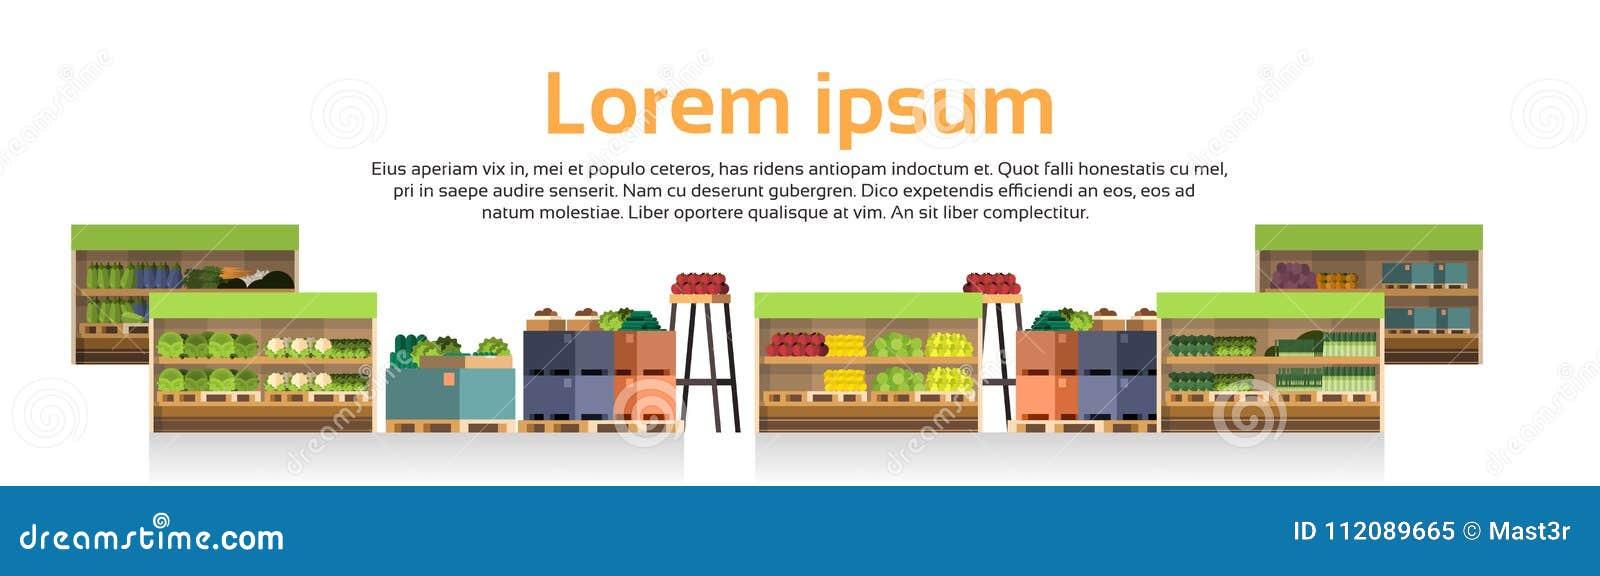 现代超级市场搁置零售店,有杂货食物的分类的超级市场